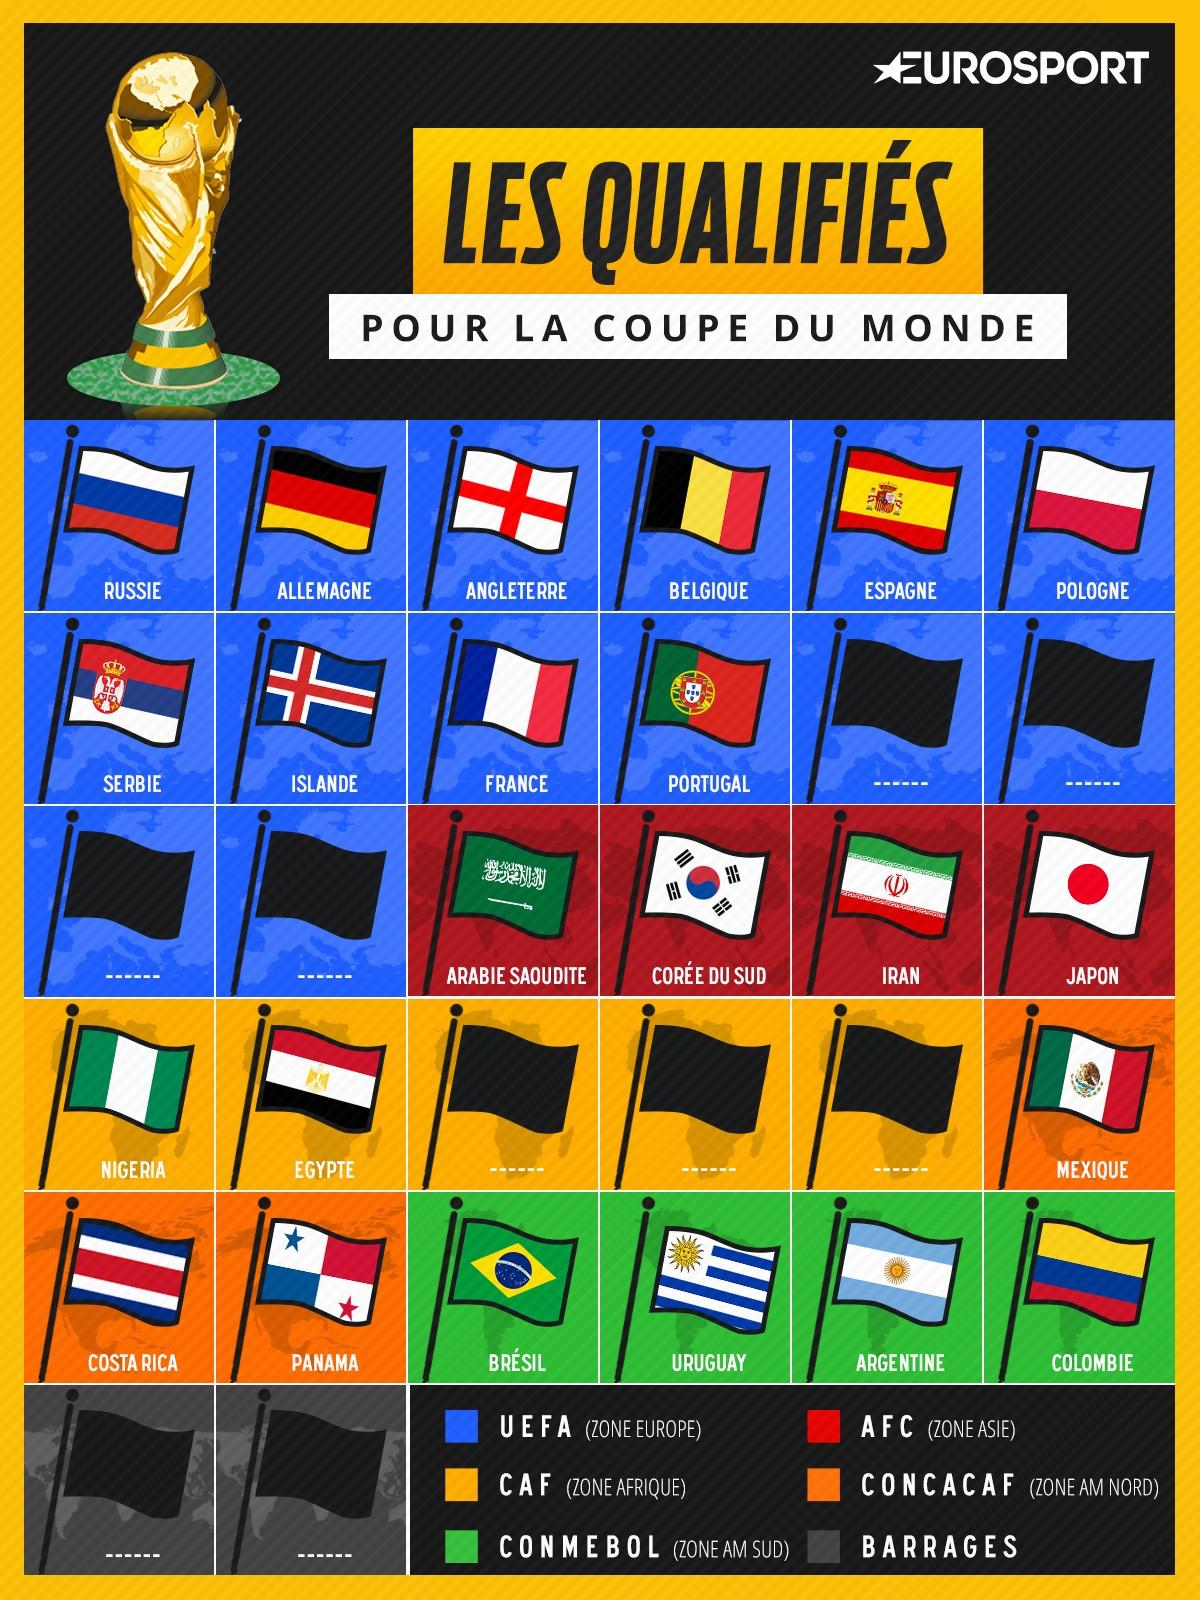 Les qualifi s le champion d 39 europe et son dauphin seront - Les meilleurs buteurs de la coupe du monde ...